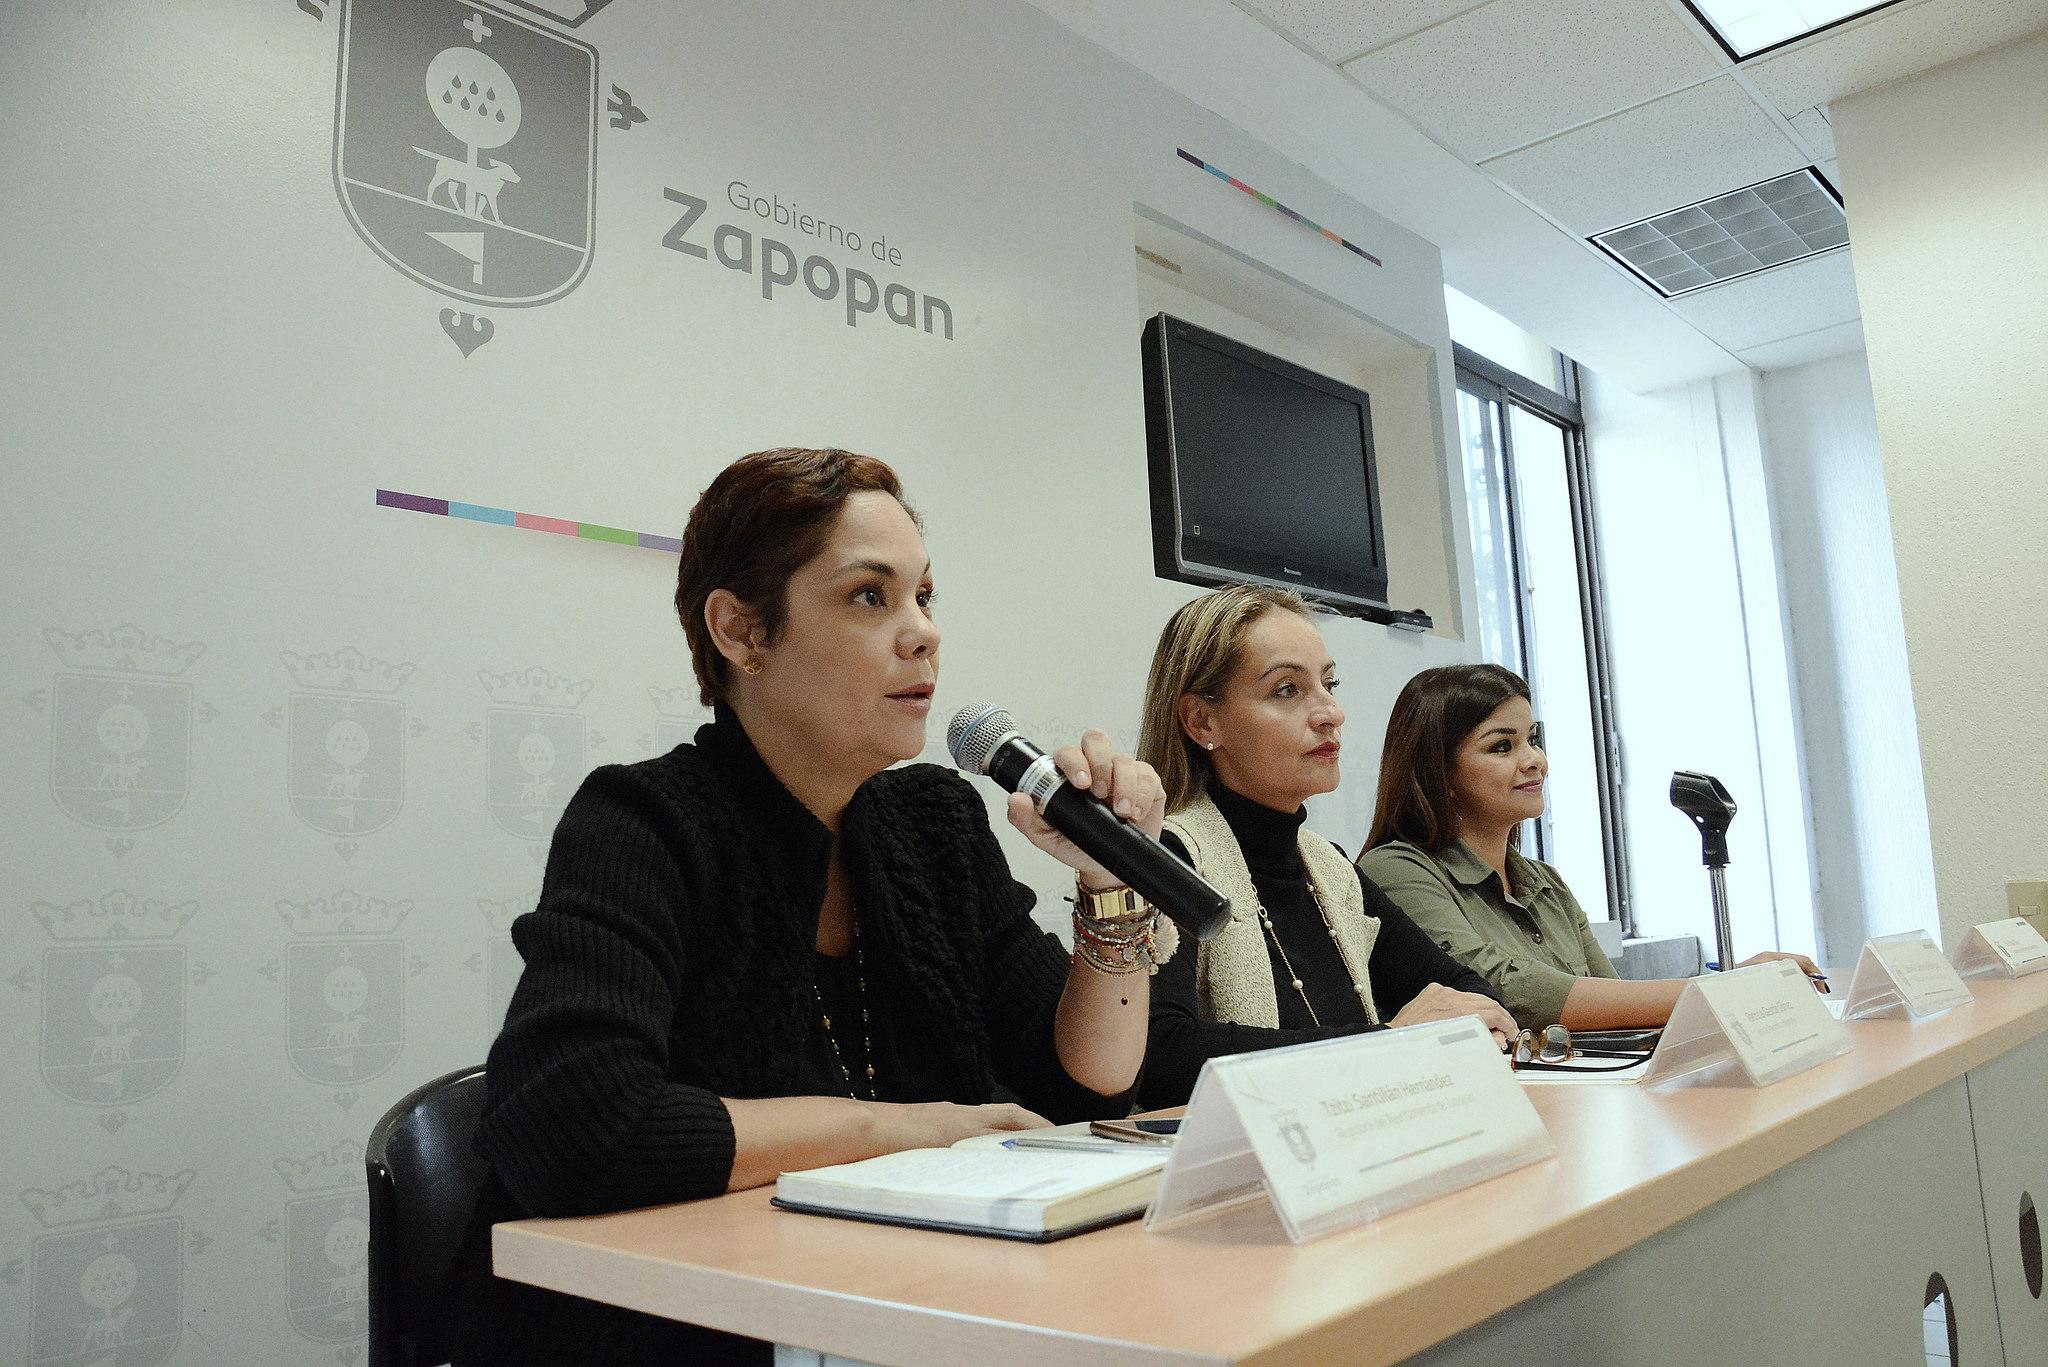 Implementa Zapopan acciones para garantizar una ruta digna y segura para migrantes que transitan por el municipio